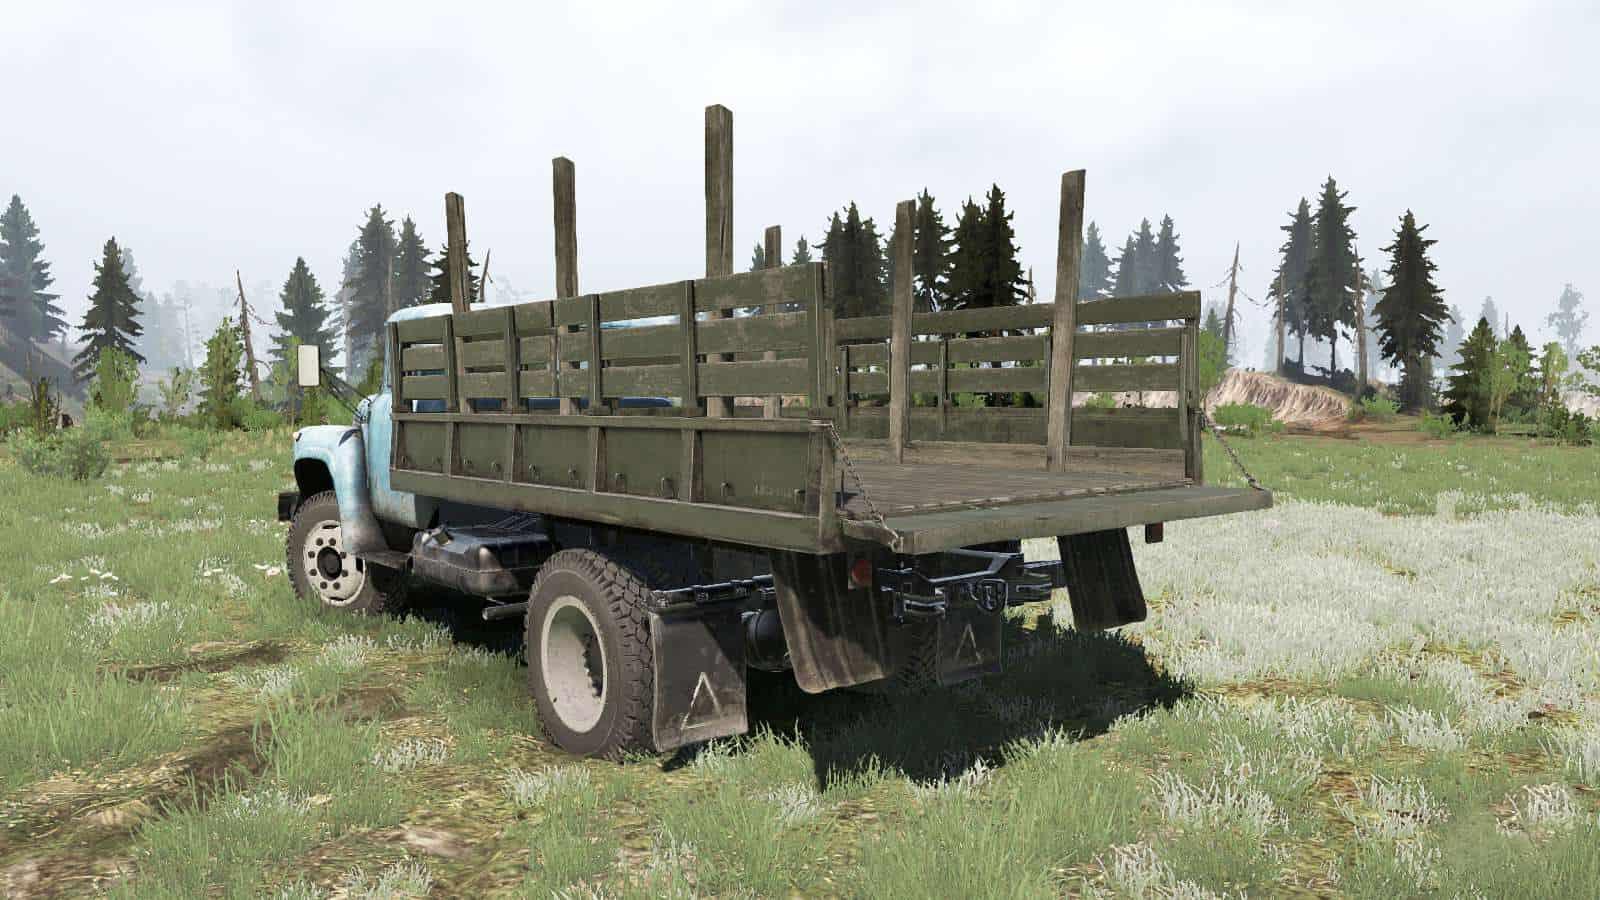 Spintires:Mudrunner - Sil 8E130G 1983 Truck